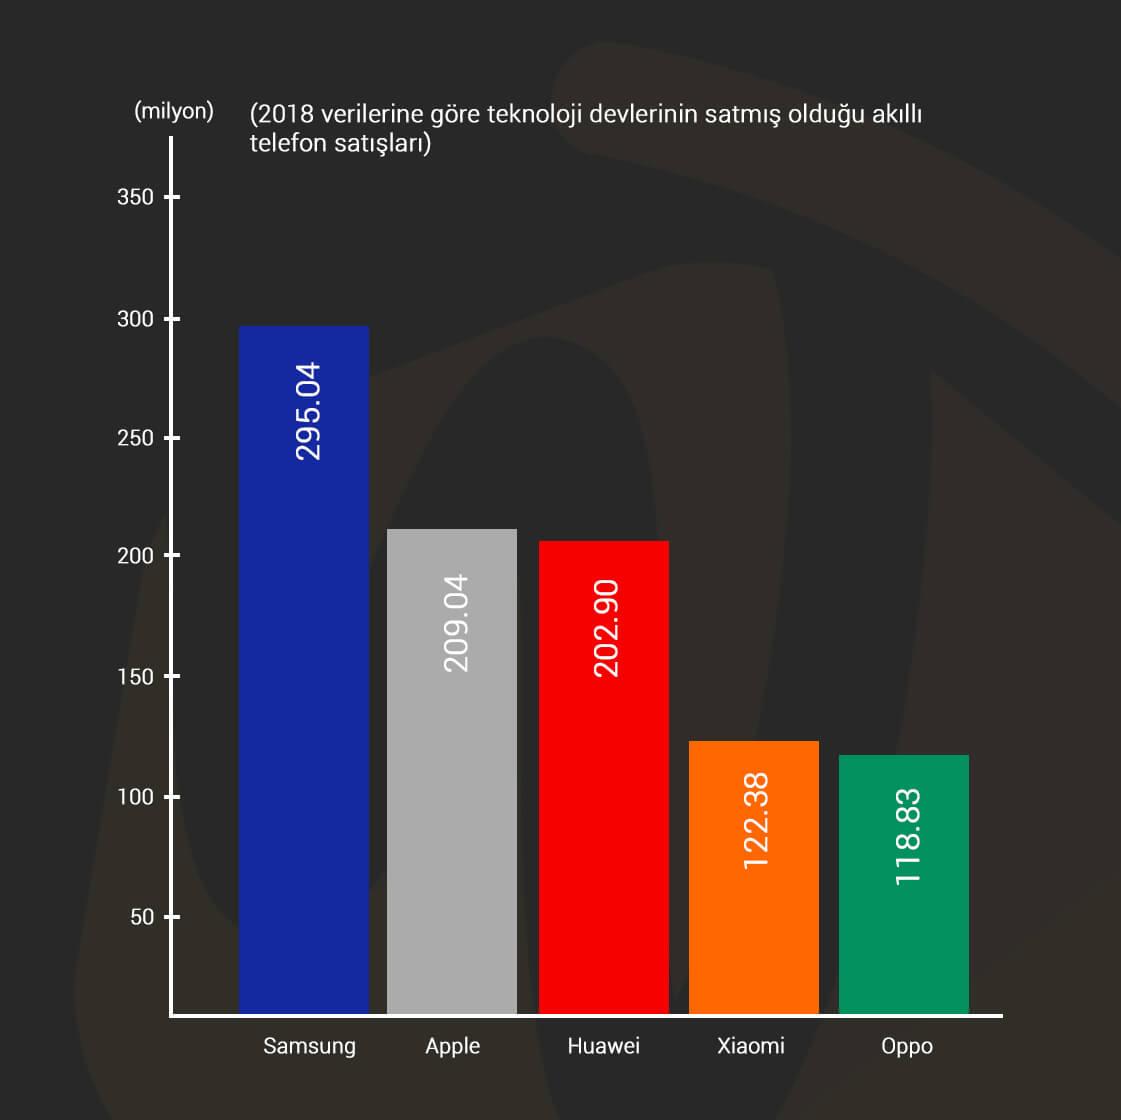 2018 markaların satılan telefon sayısı verisi Webtakibi